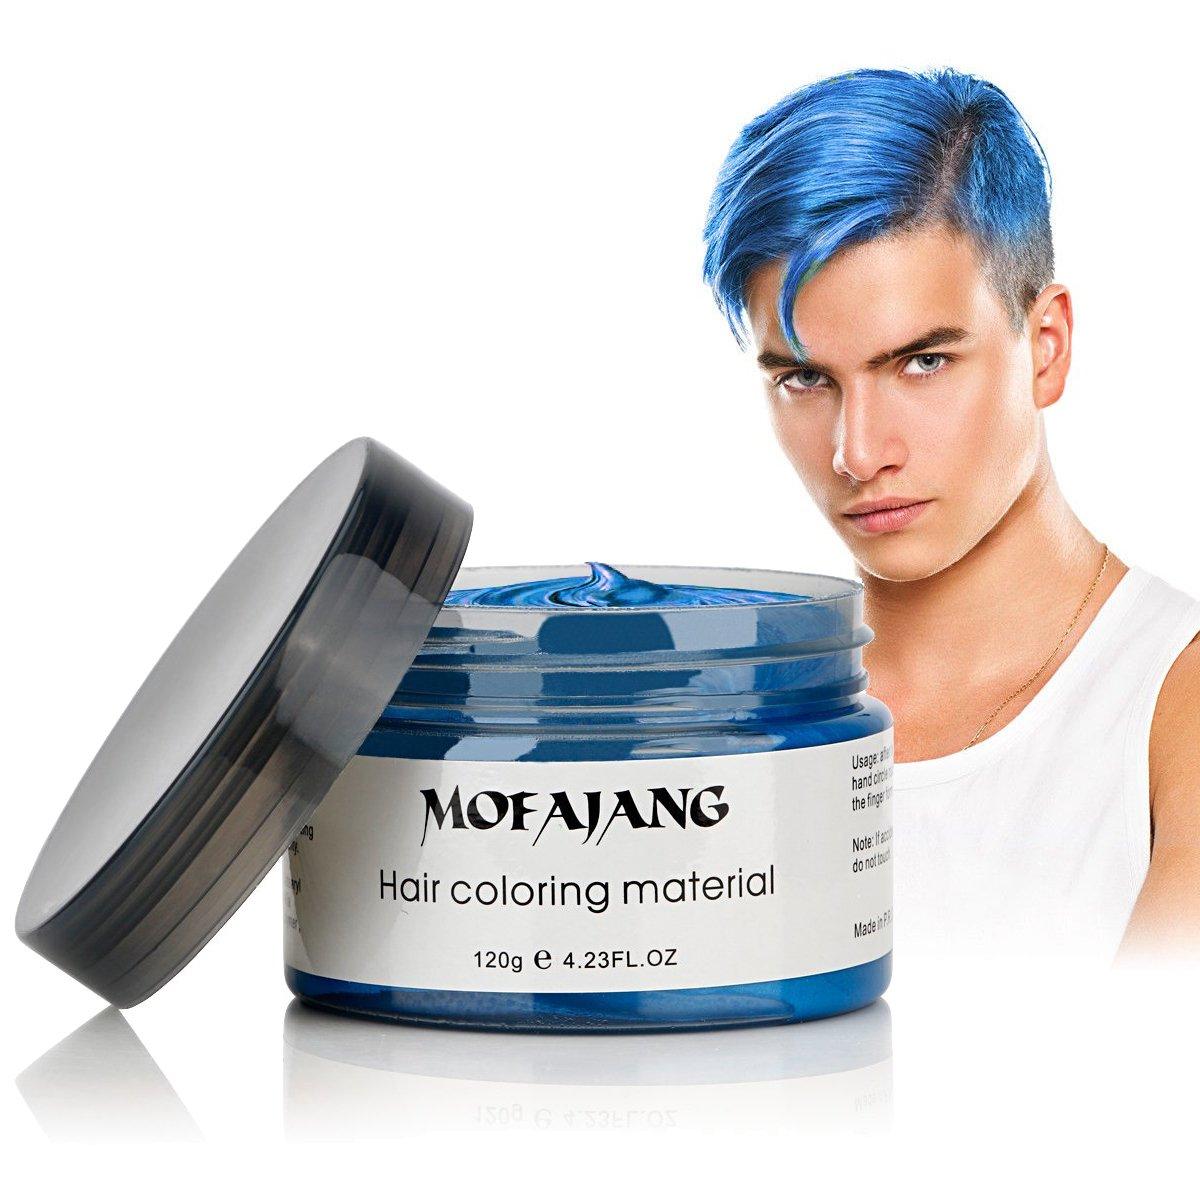 Amazon Com  Mofajang Hair Coloring Wax, Blue Temporary Hairstyle